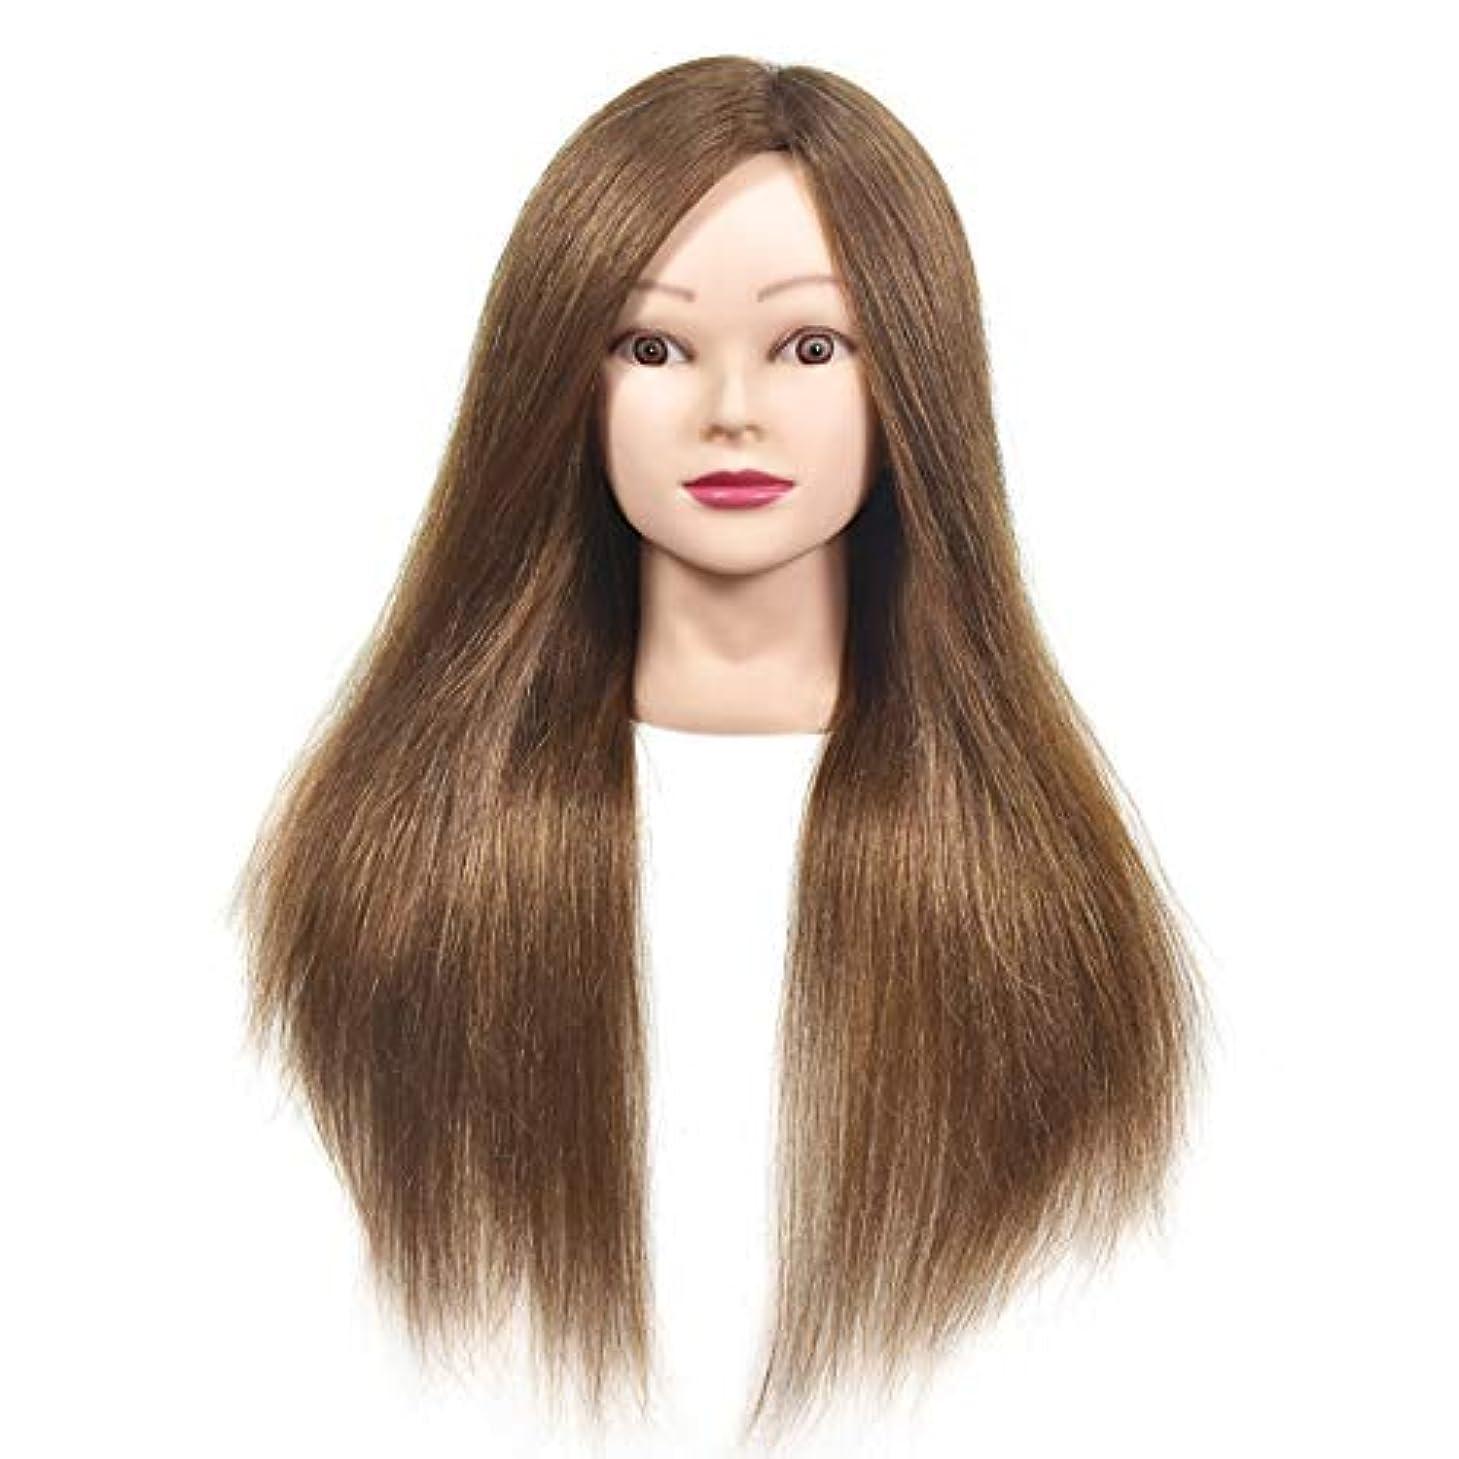 強大な極端な動物本物の人間の髪のかつらの頭の金型の頭の編み出しスタイリングのマネキン頭の理髪店の練習の教師のダミーヘッド